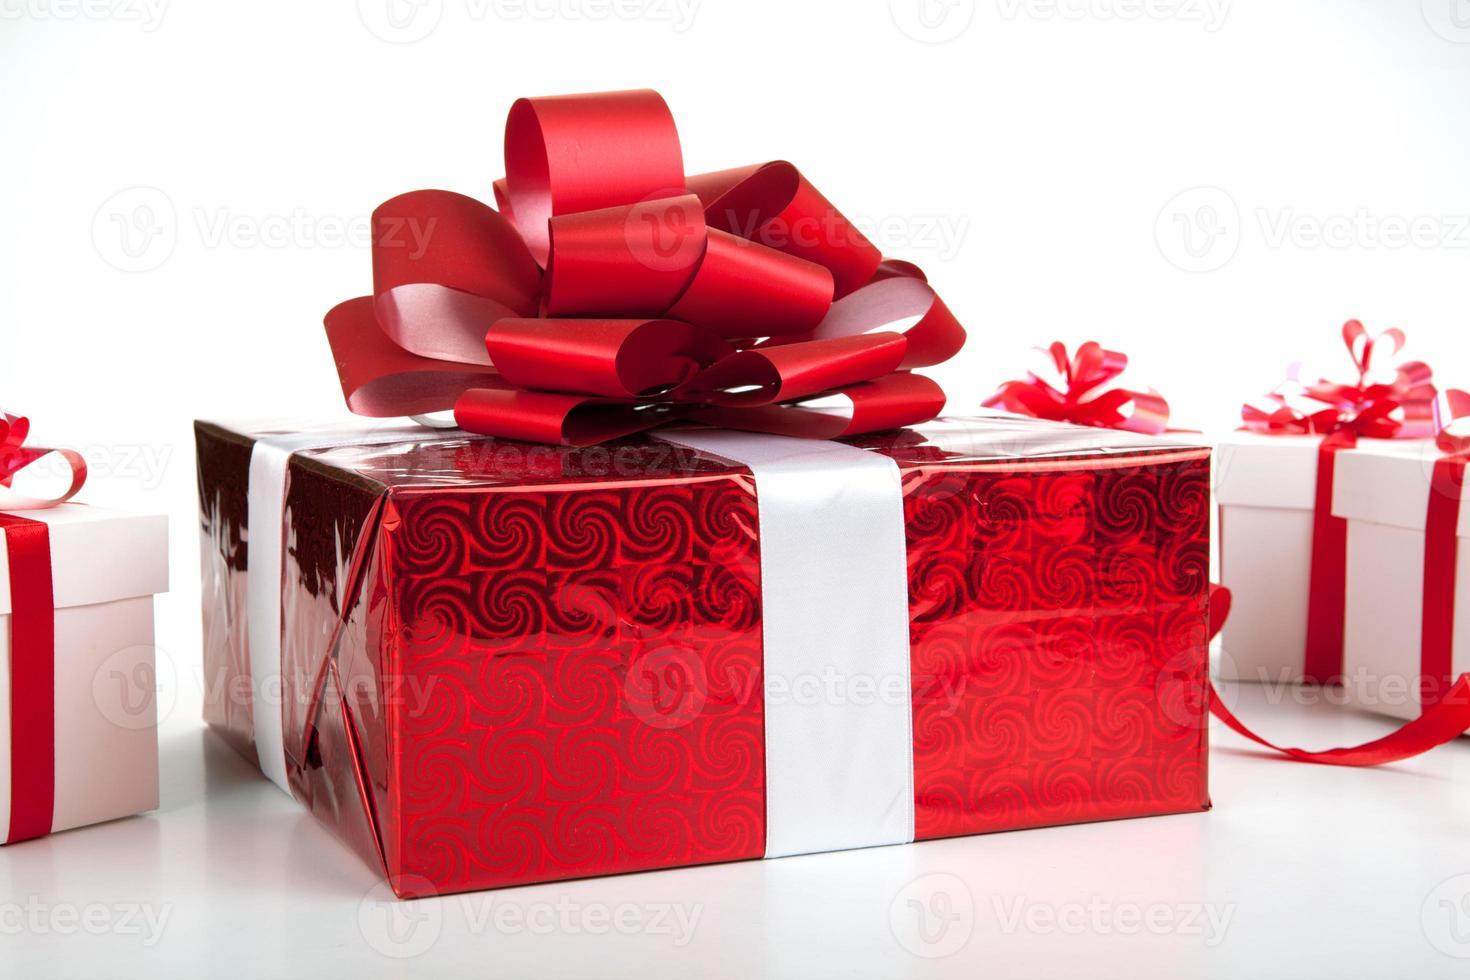 uma caixa de presente vermelha caixas de presente branca em cinza foto